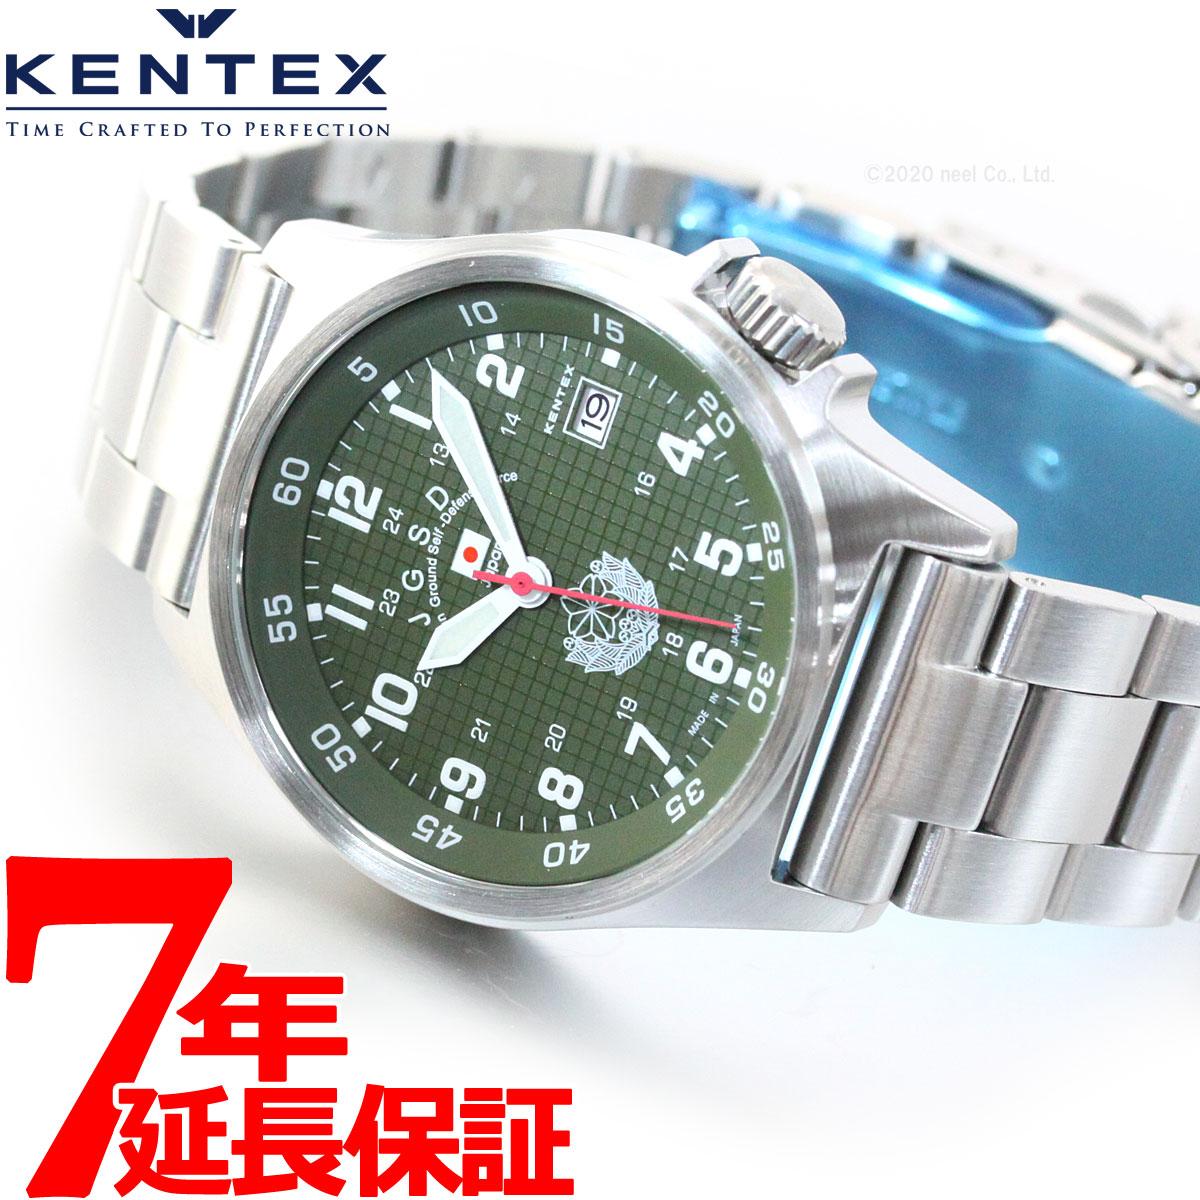 【お買い物マラソンは当店がお得♪本日20より!】KENTEX ケンテックス 腕時計 メンズ JSDF スタンダード 自衛隊モデル 陸上自衛隊 S455M-09